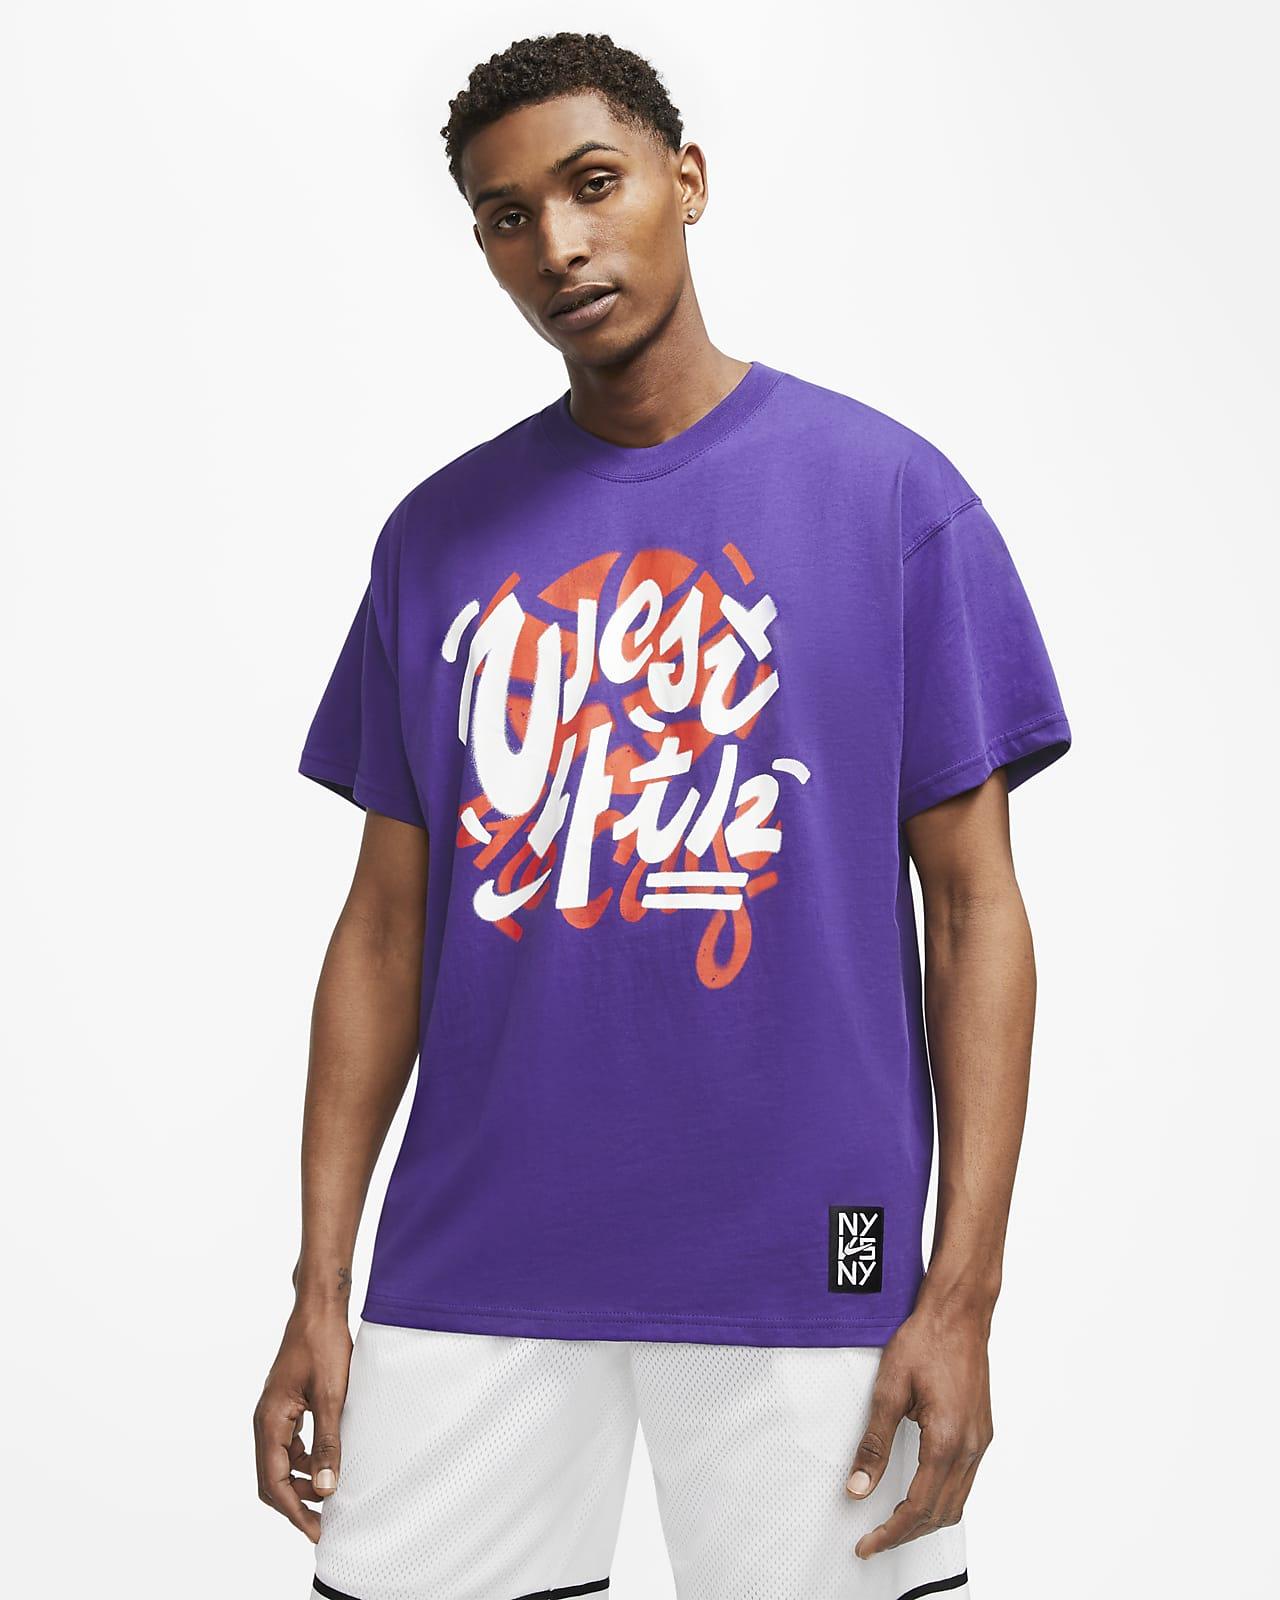 Playera de básquetbol para hombre Nike Dri-FIT NY vs. NY West 4th